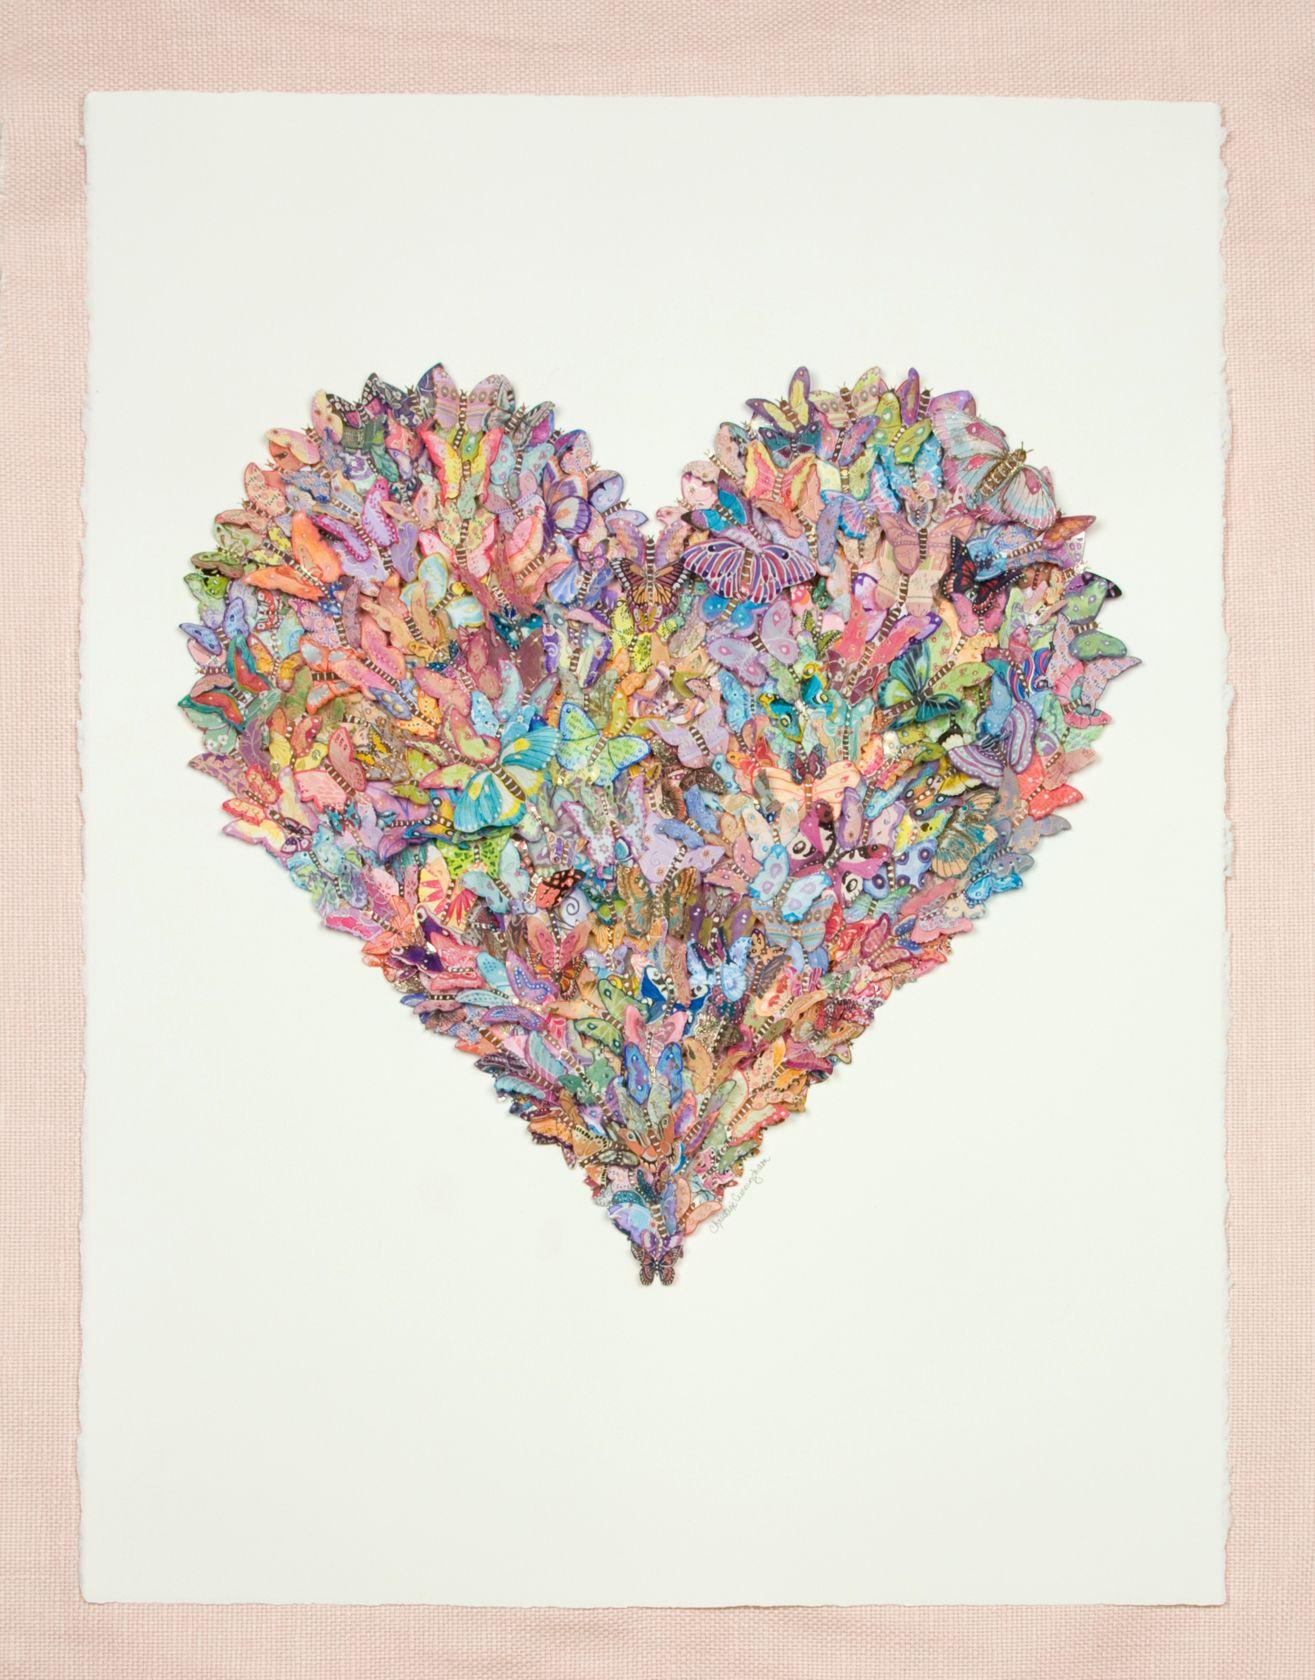 Collage de mariposas, bonita composición formando un corazón ...